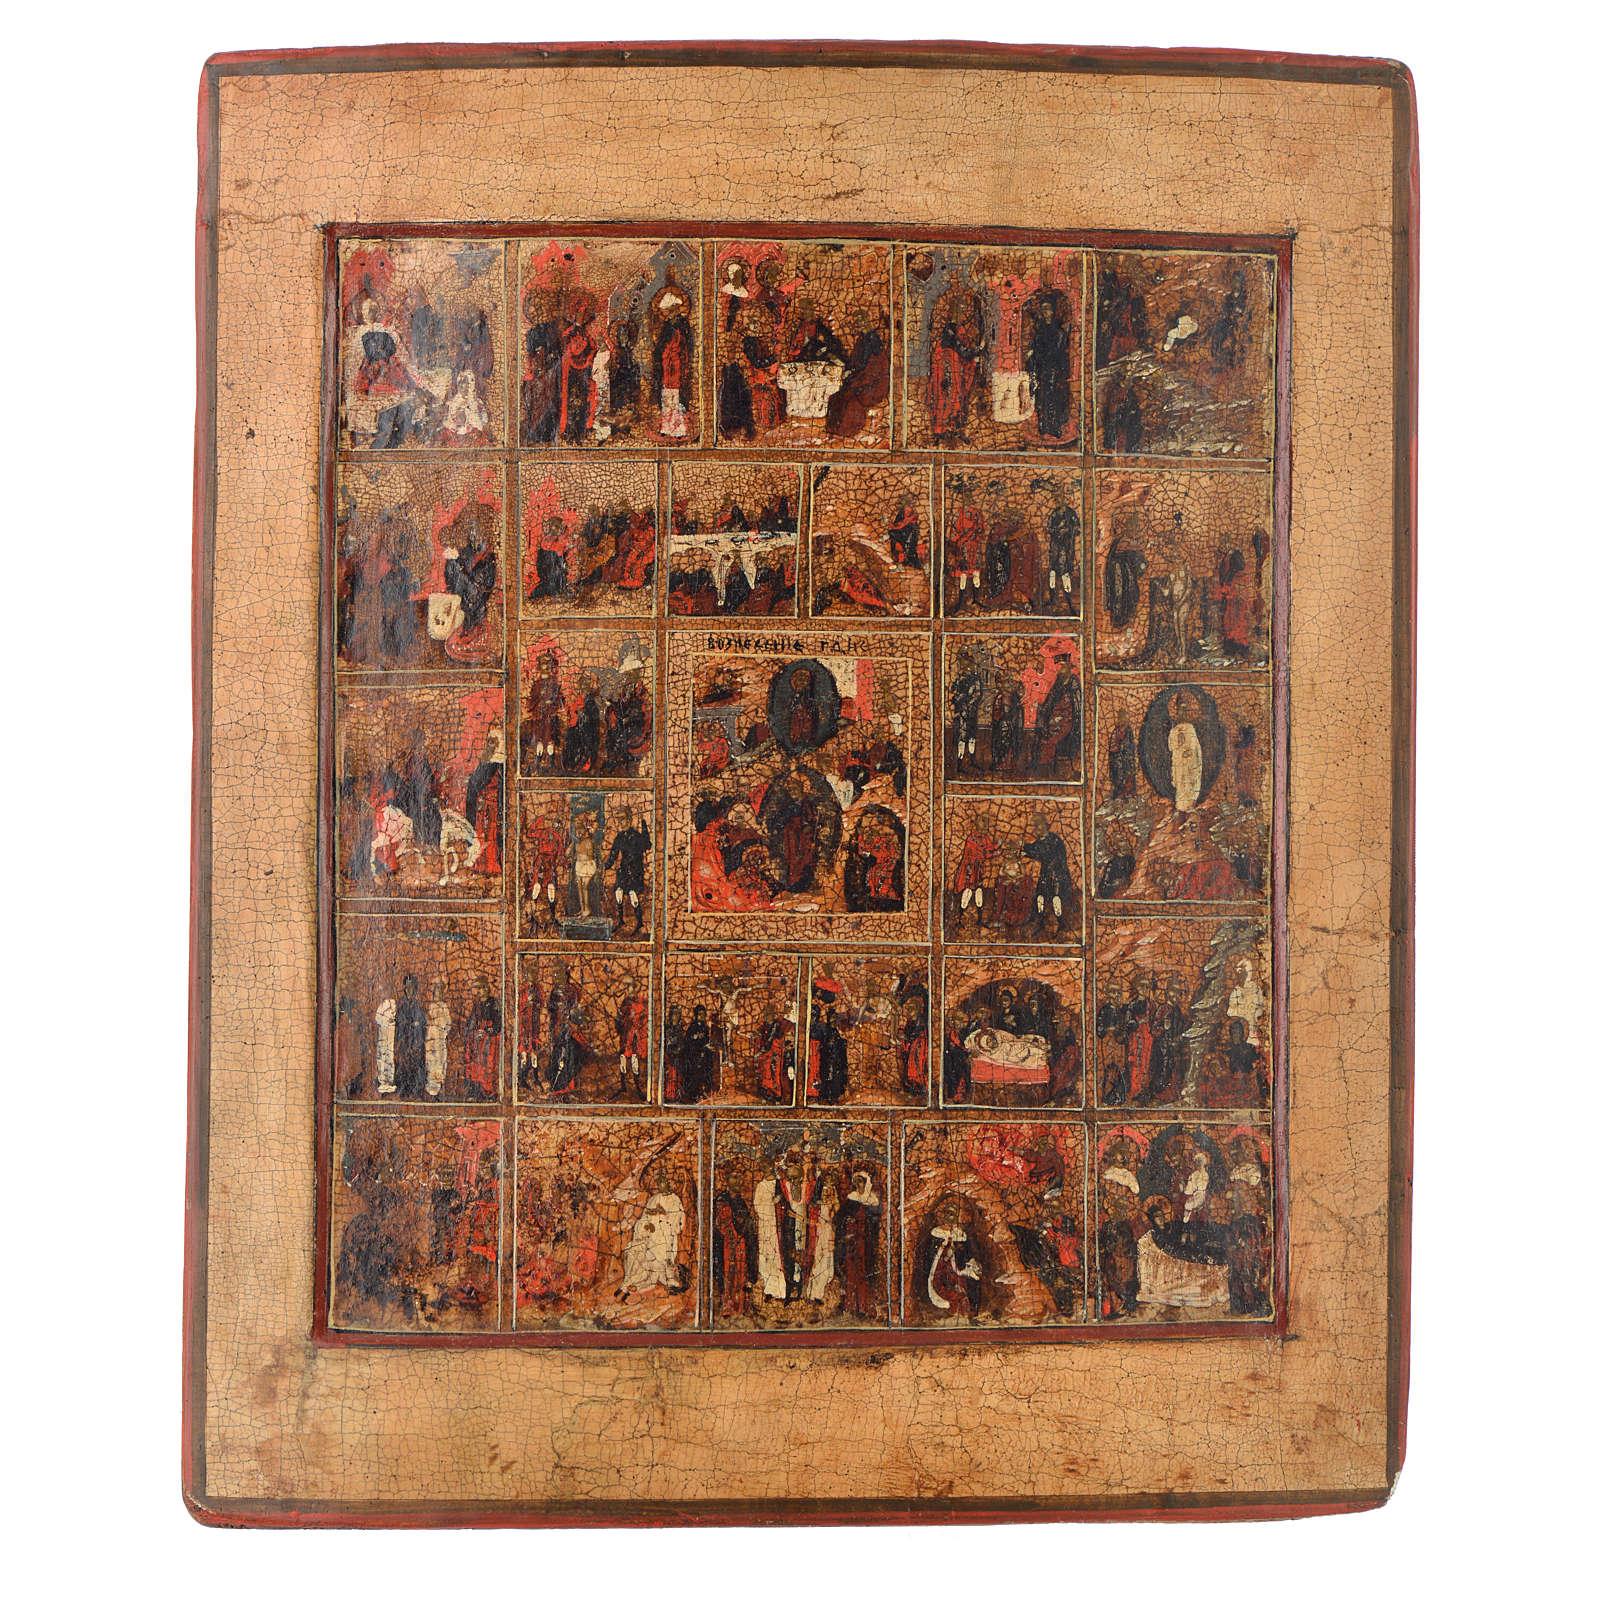 Ikona rosyjska antyk 16 świąt i cykl pasji XVIII wiek 4